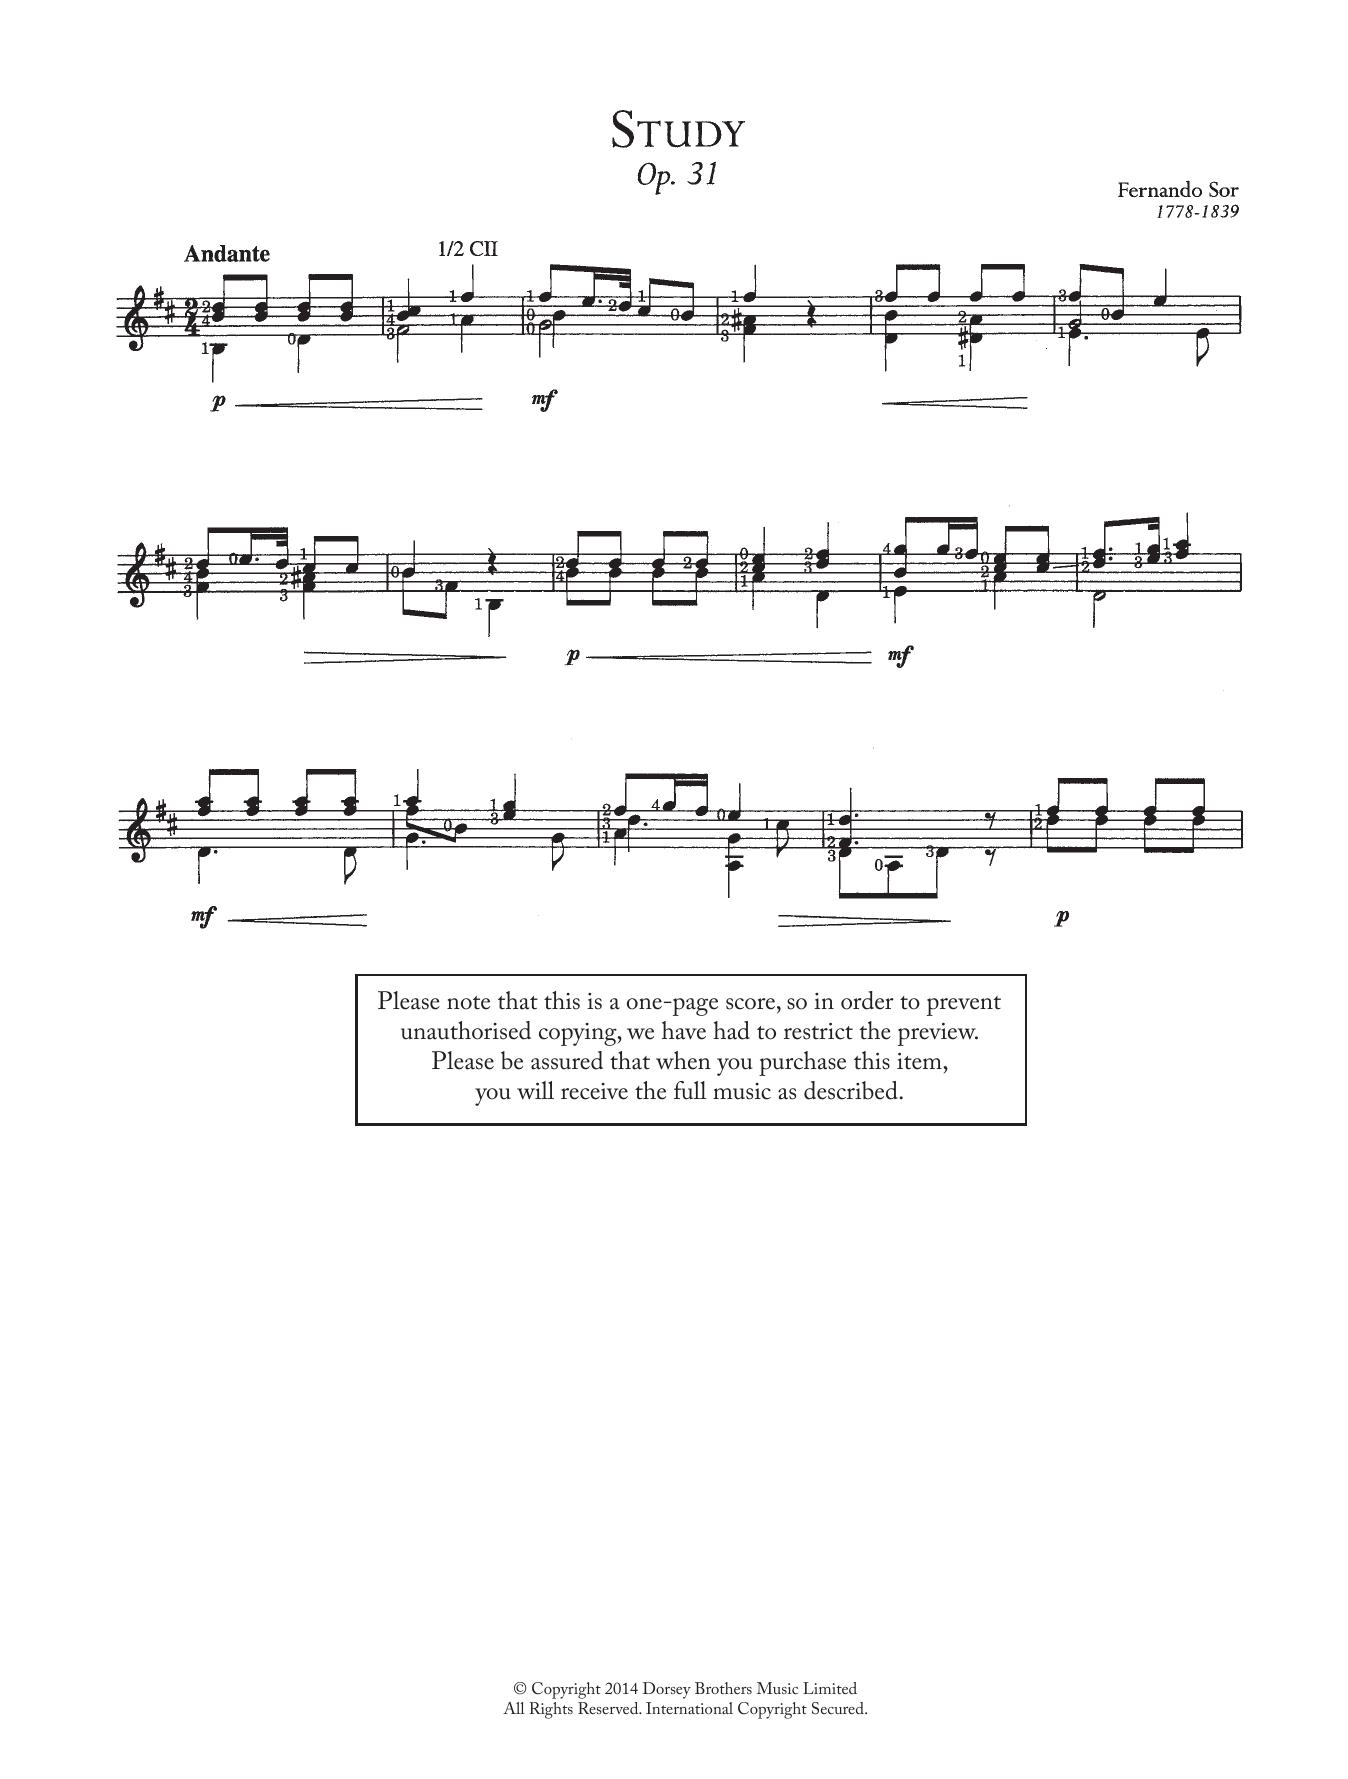 Fernando Sor - Study, Op.31